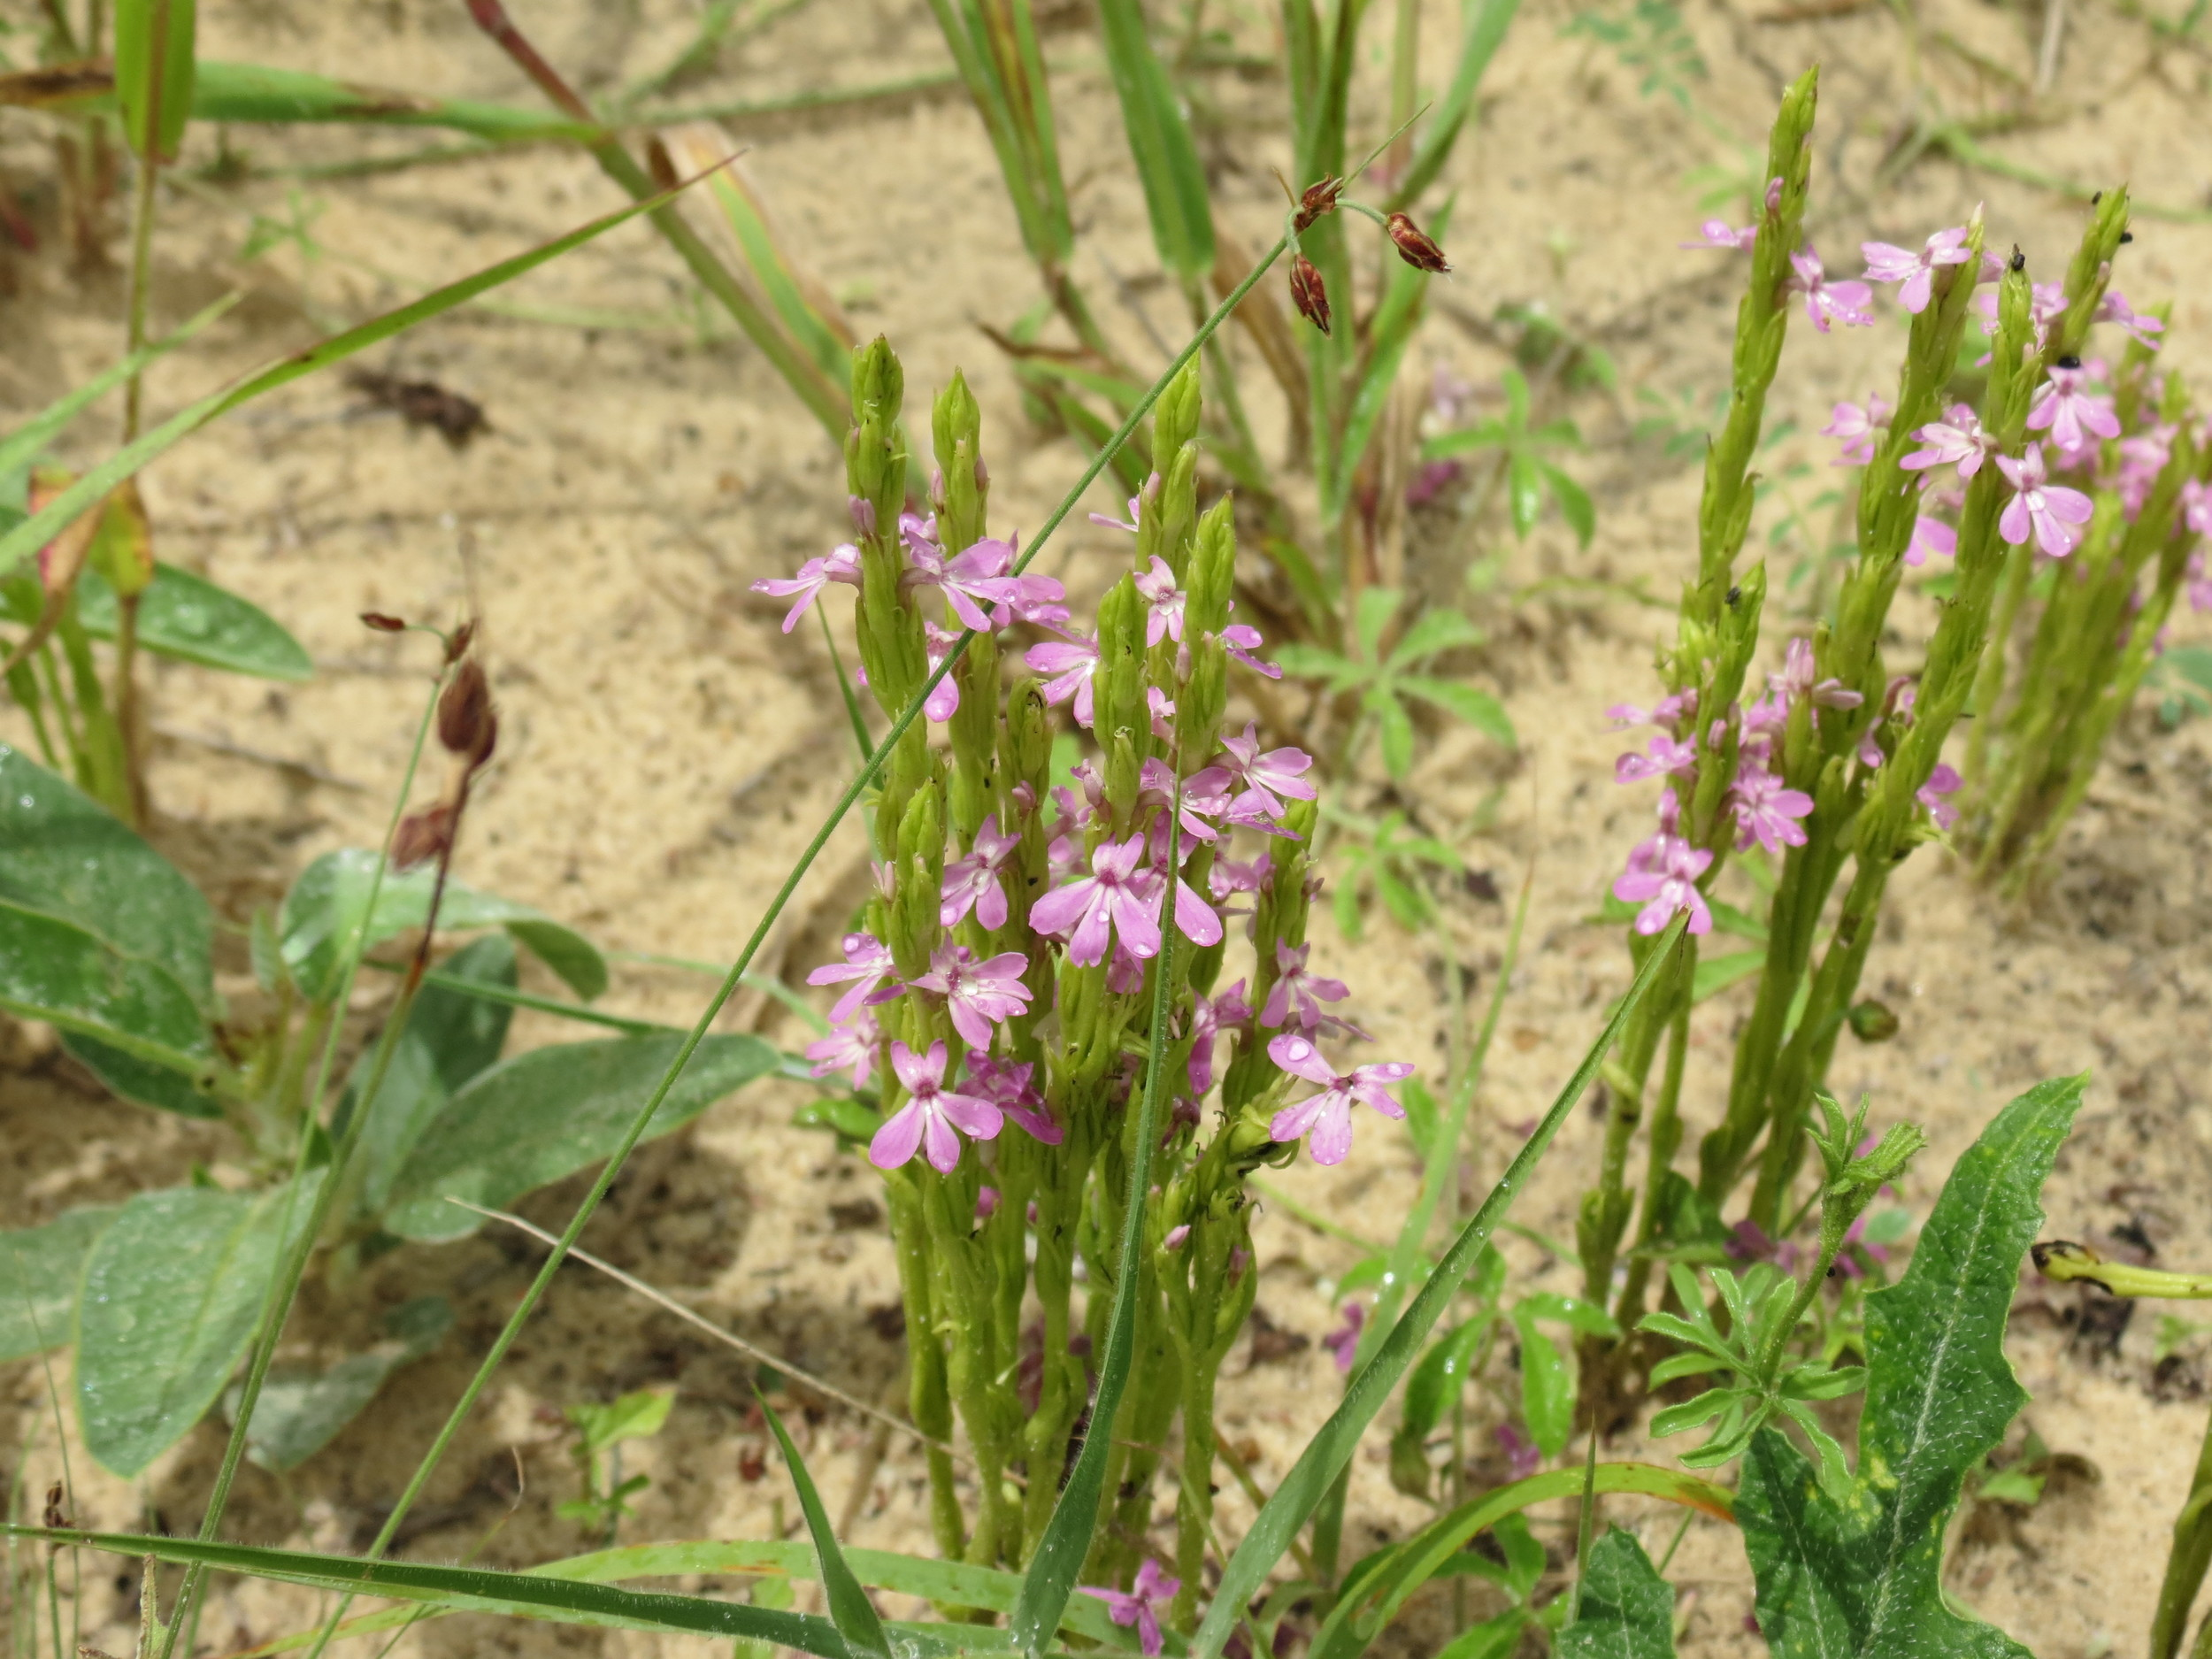 Parasitic plant